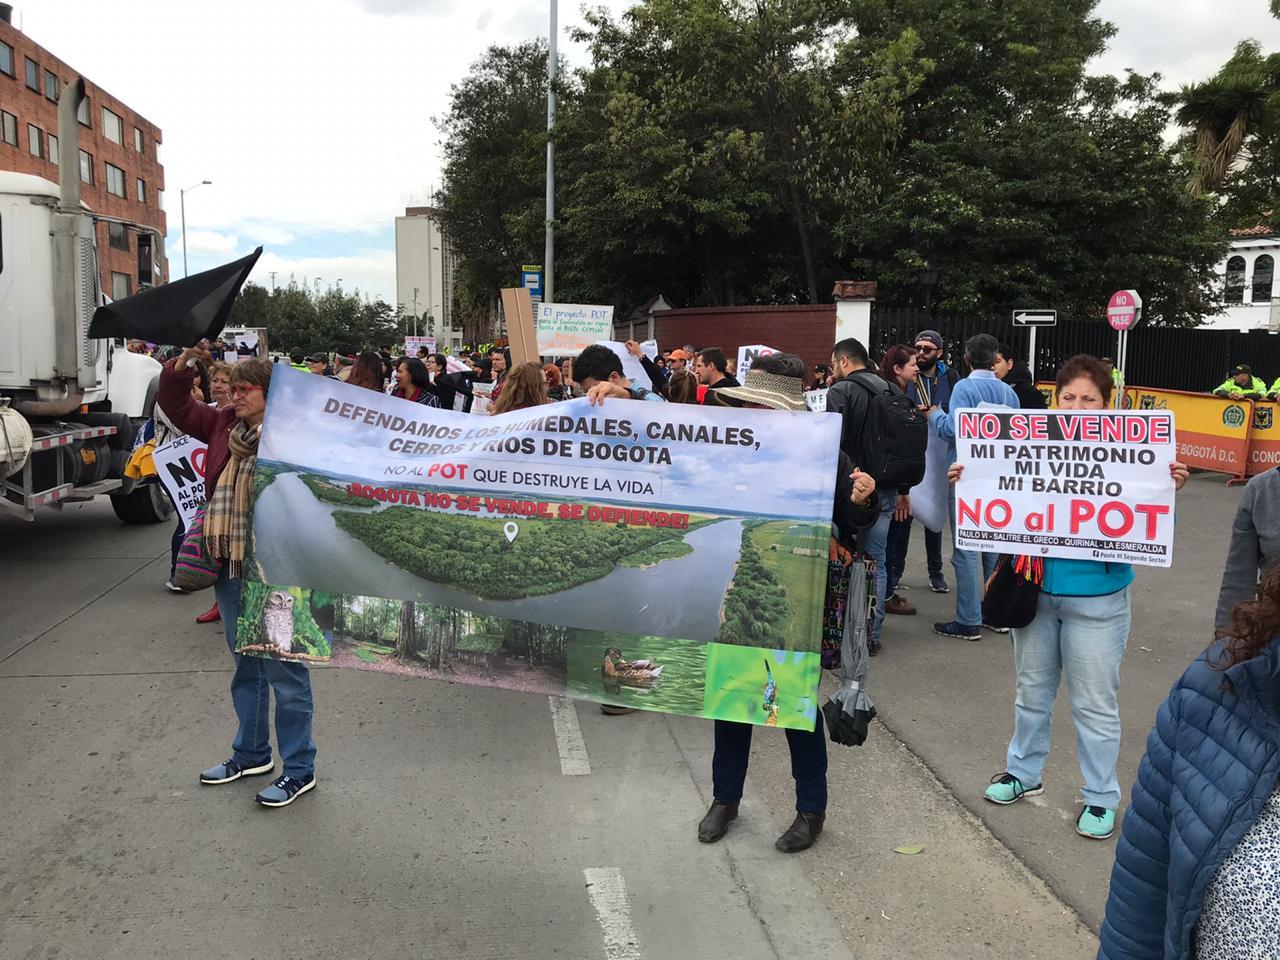 Manifestación contra expedición del POT por decreto